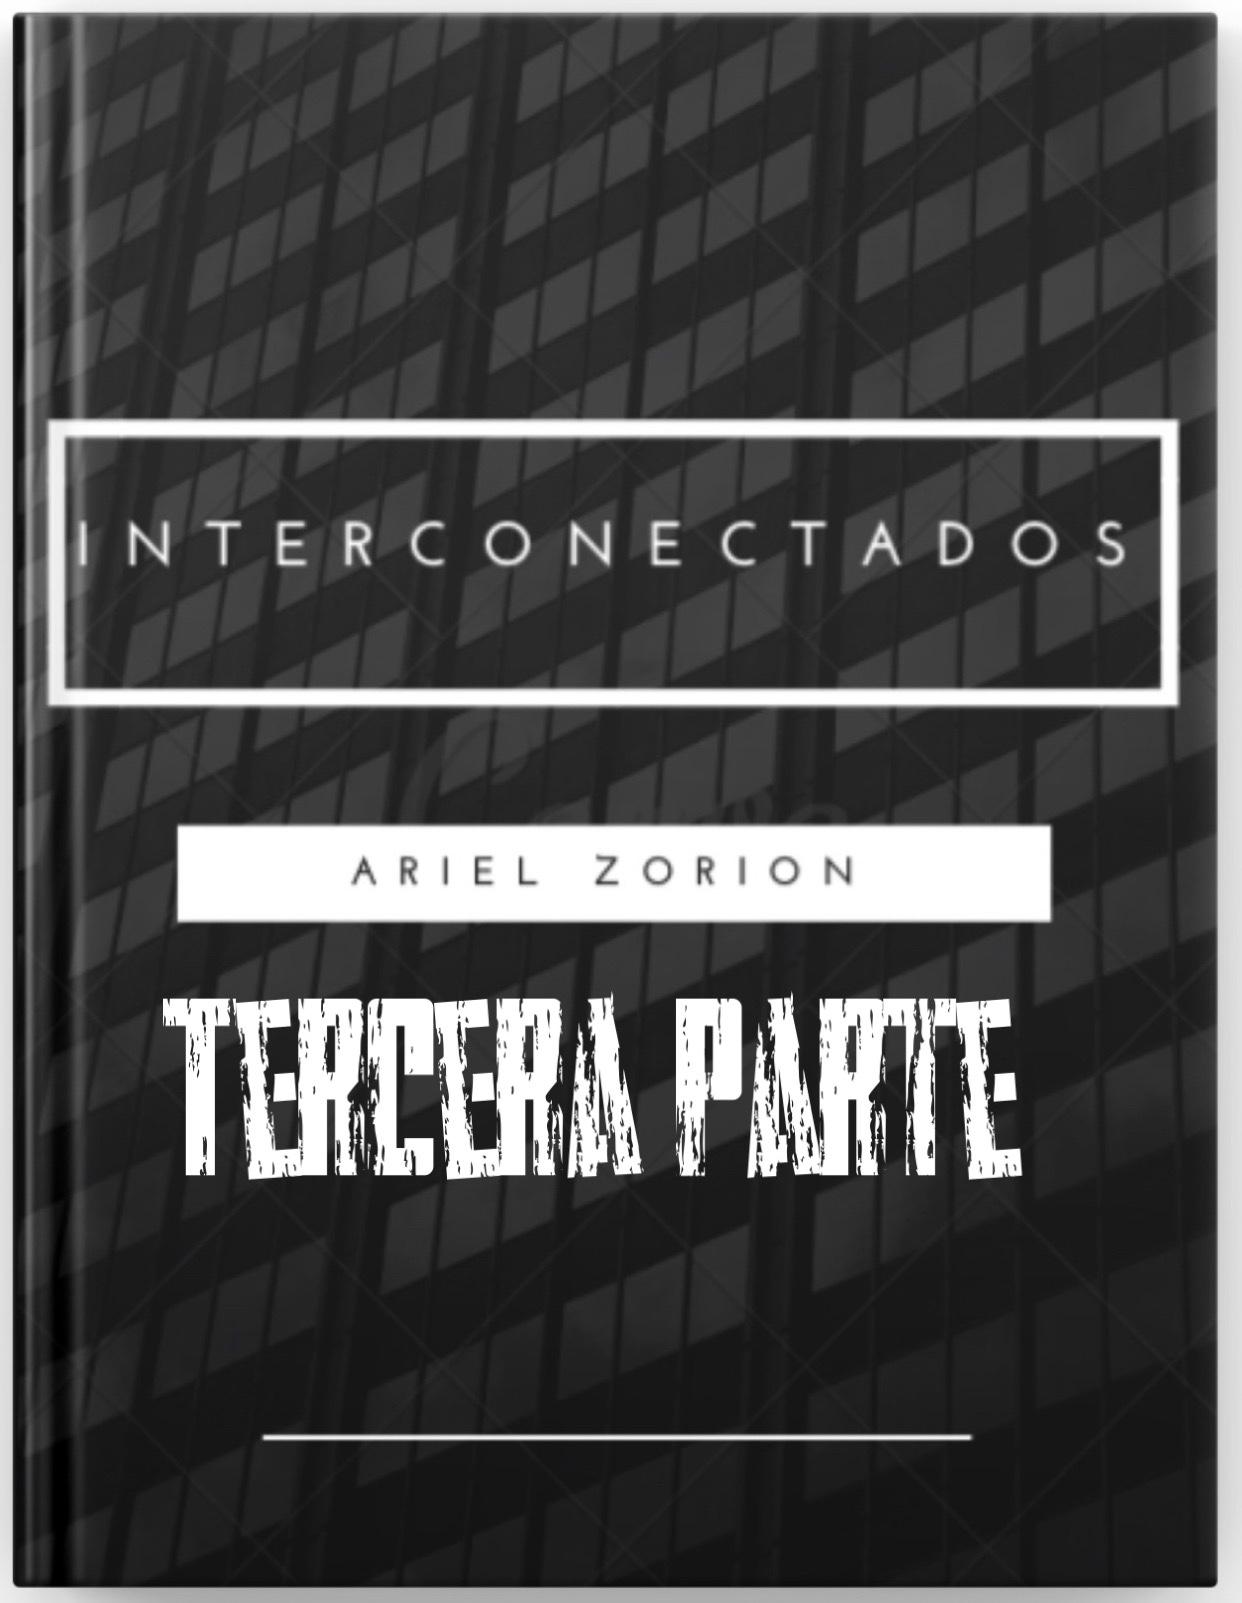 INTERCONECTADOS 3